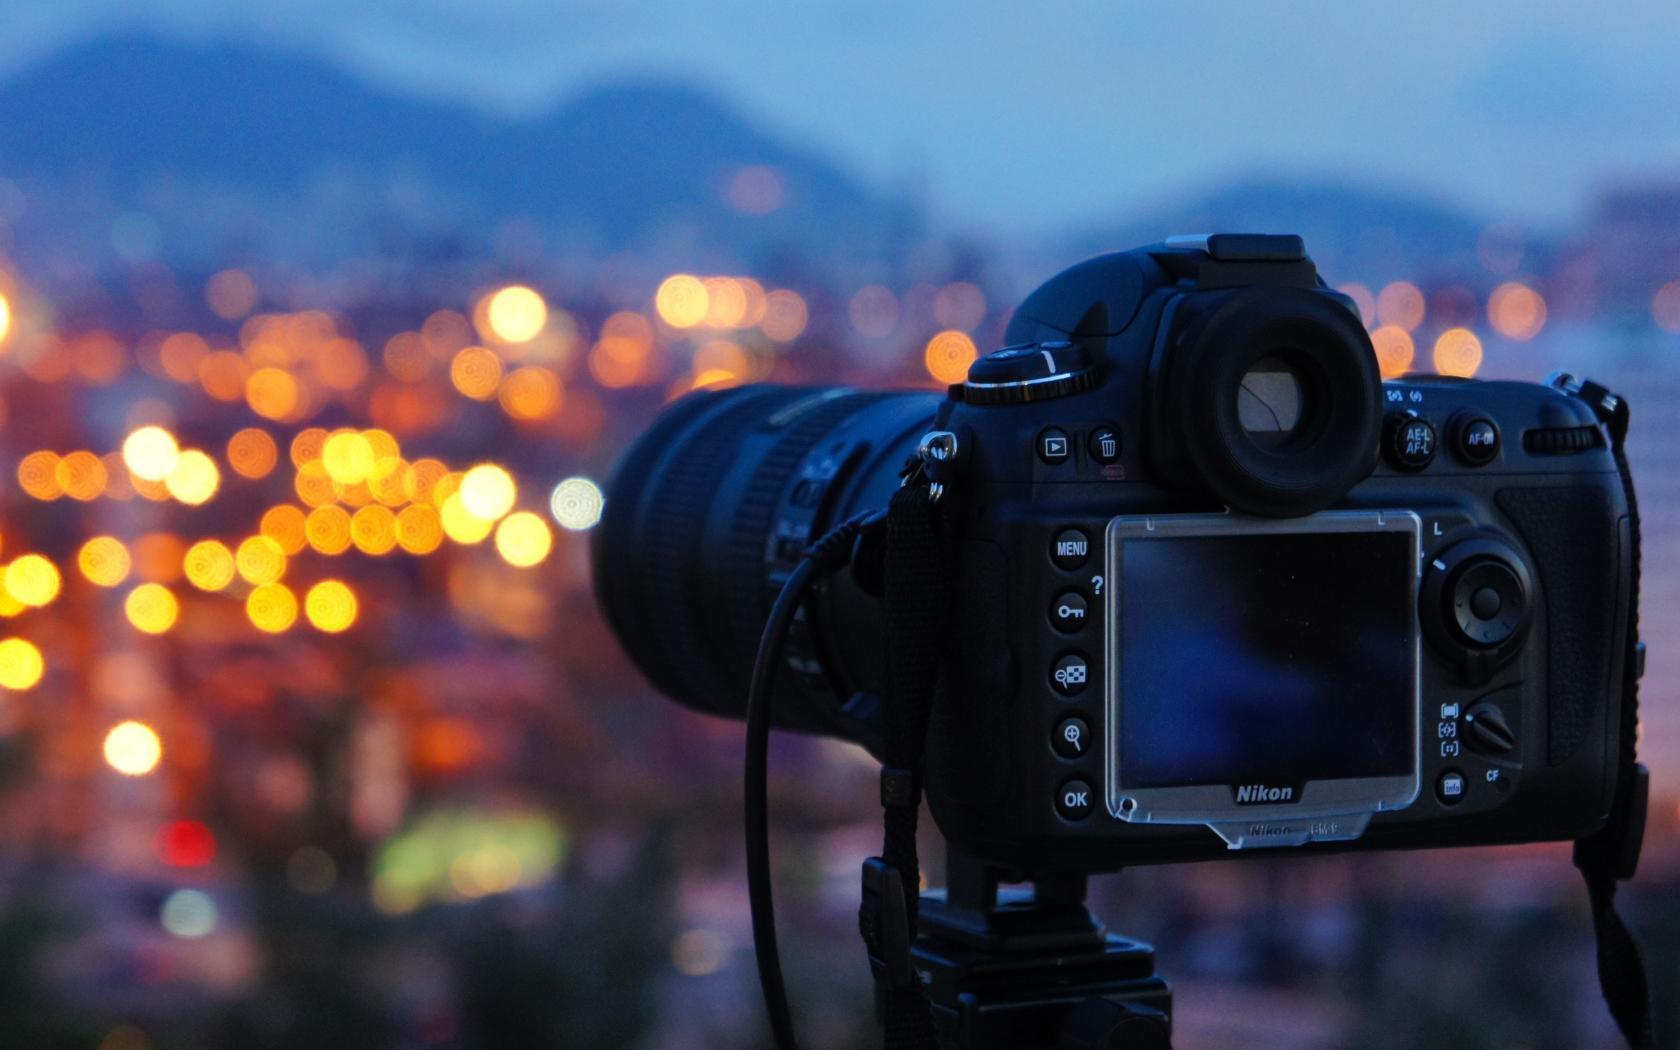 Creare sito fotografico, uno scatto verso successo e soldi